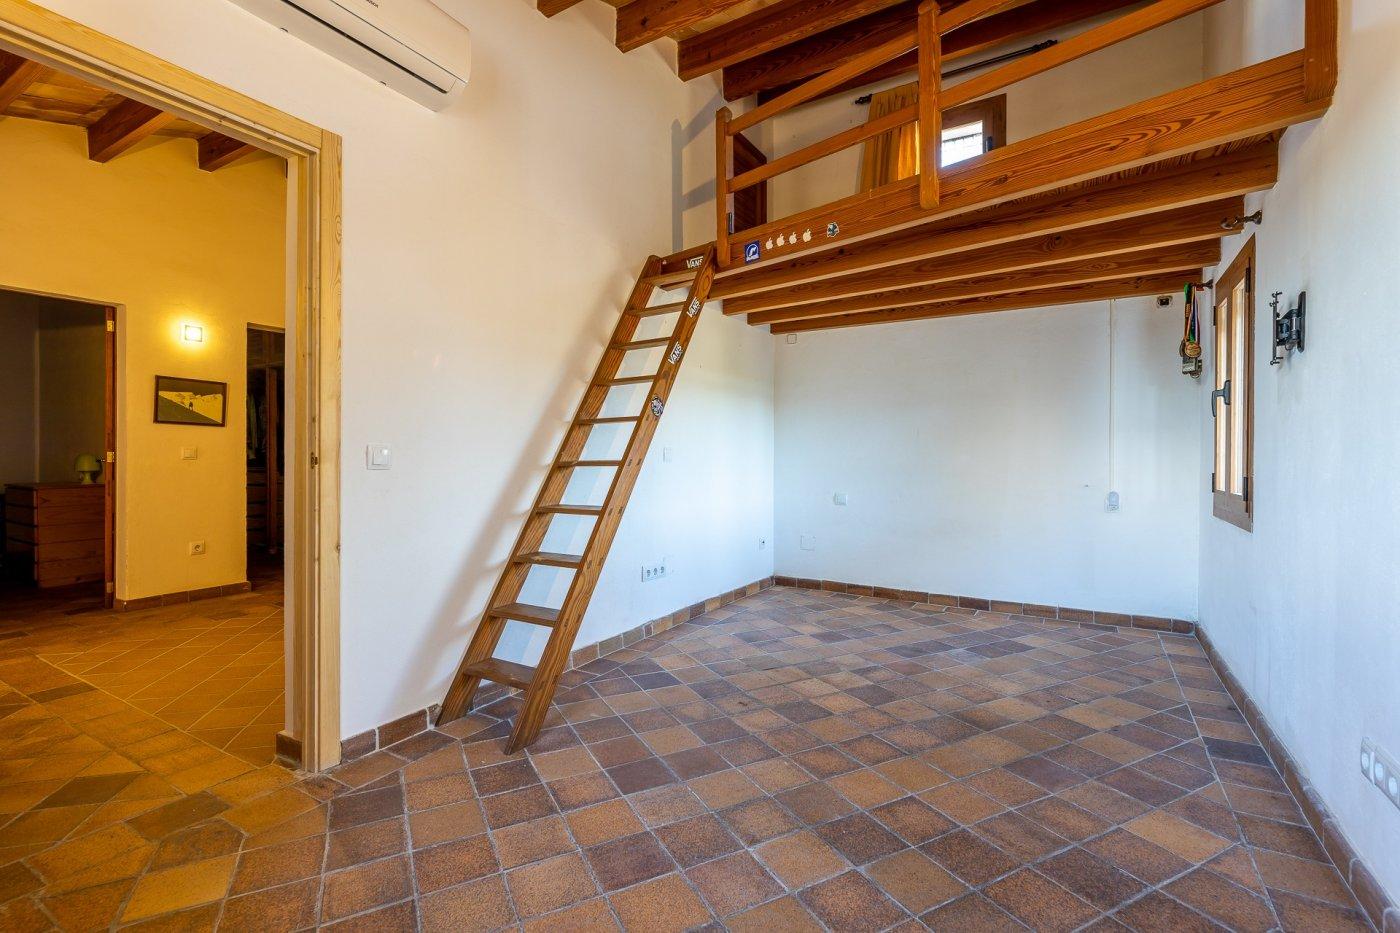 Encantadora finca rÚstica con casa de invitados  en marratxinet - imagenInmueble15